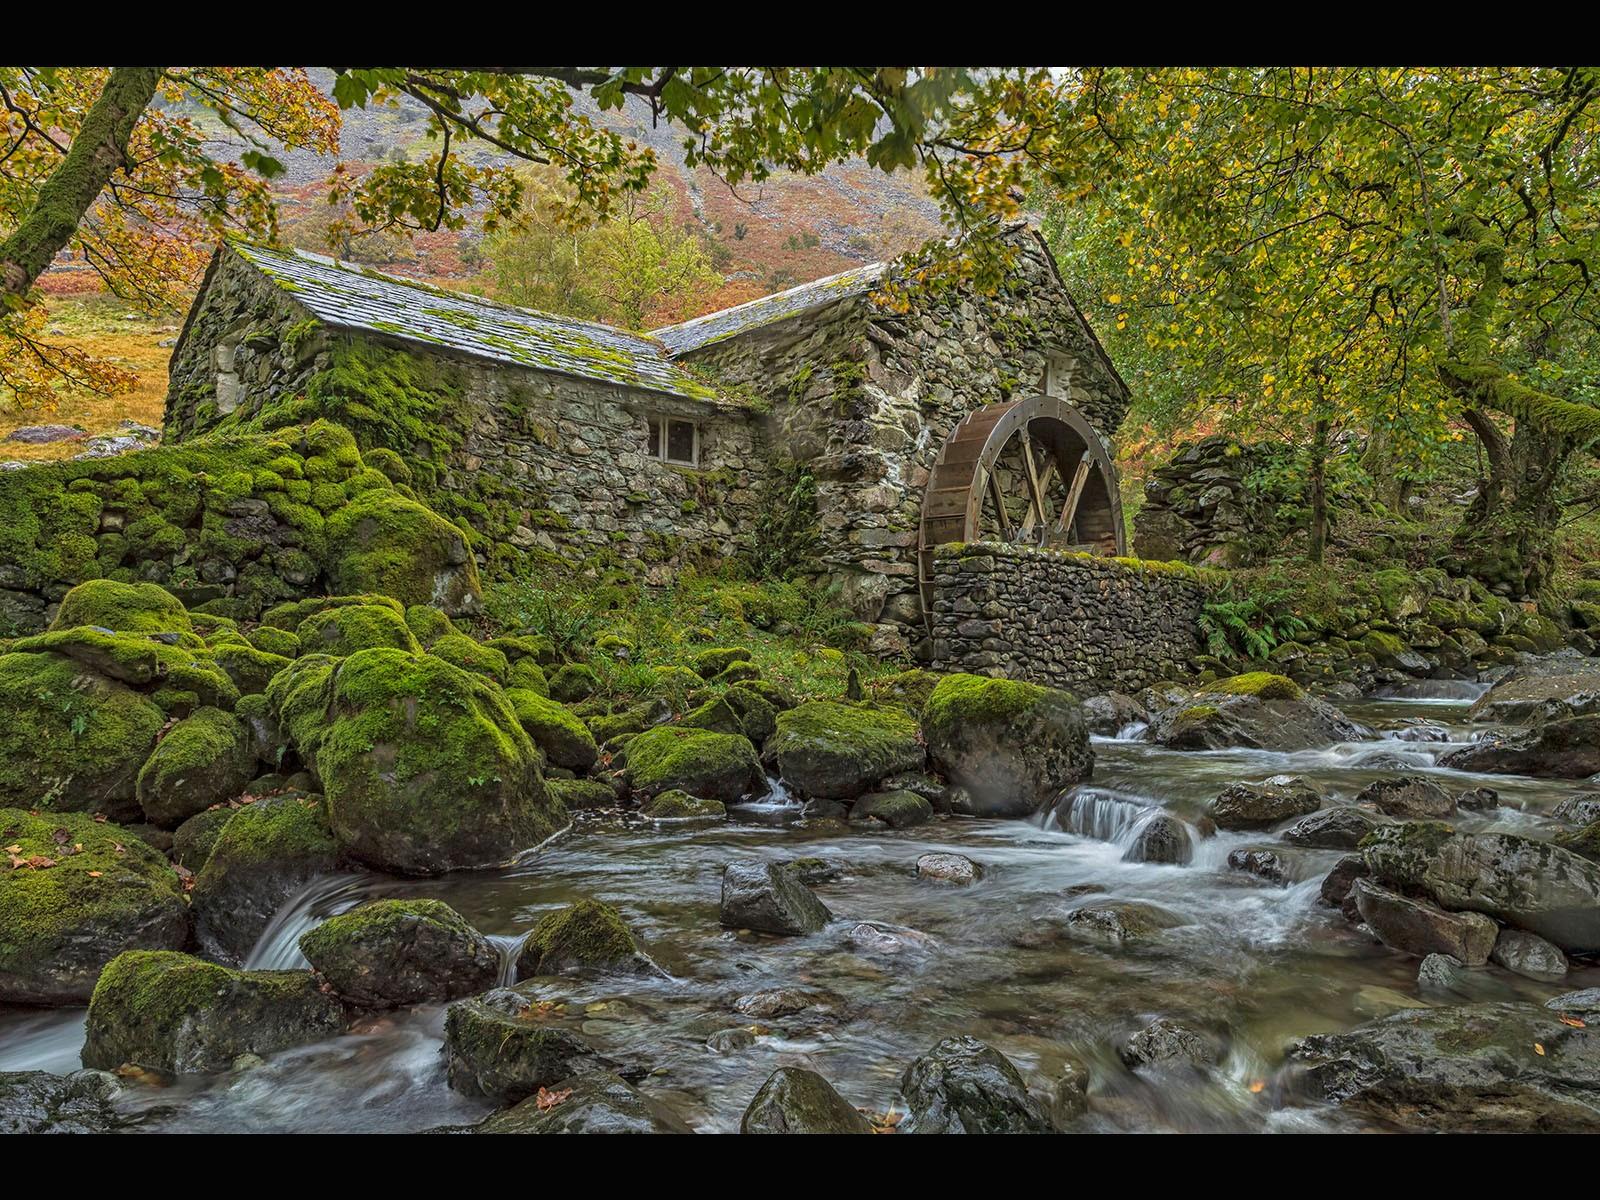 19. The Secret Watermill